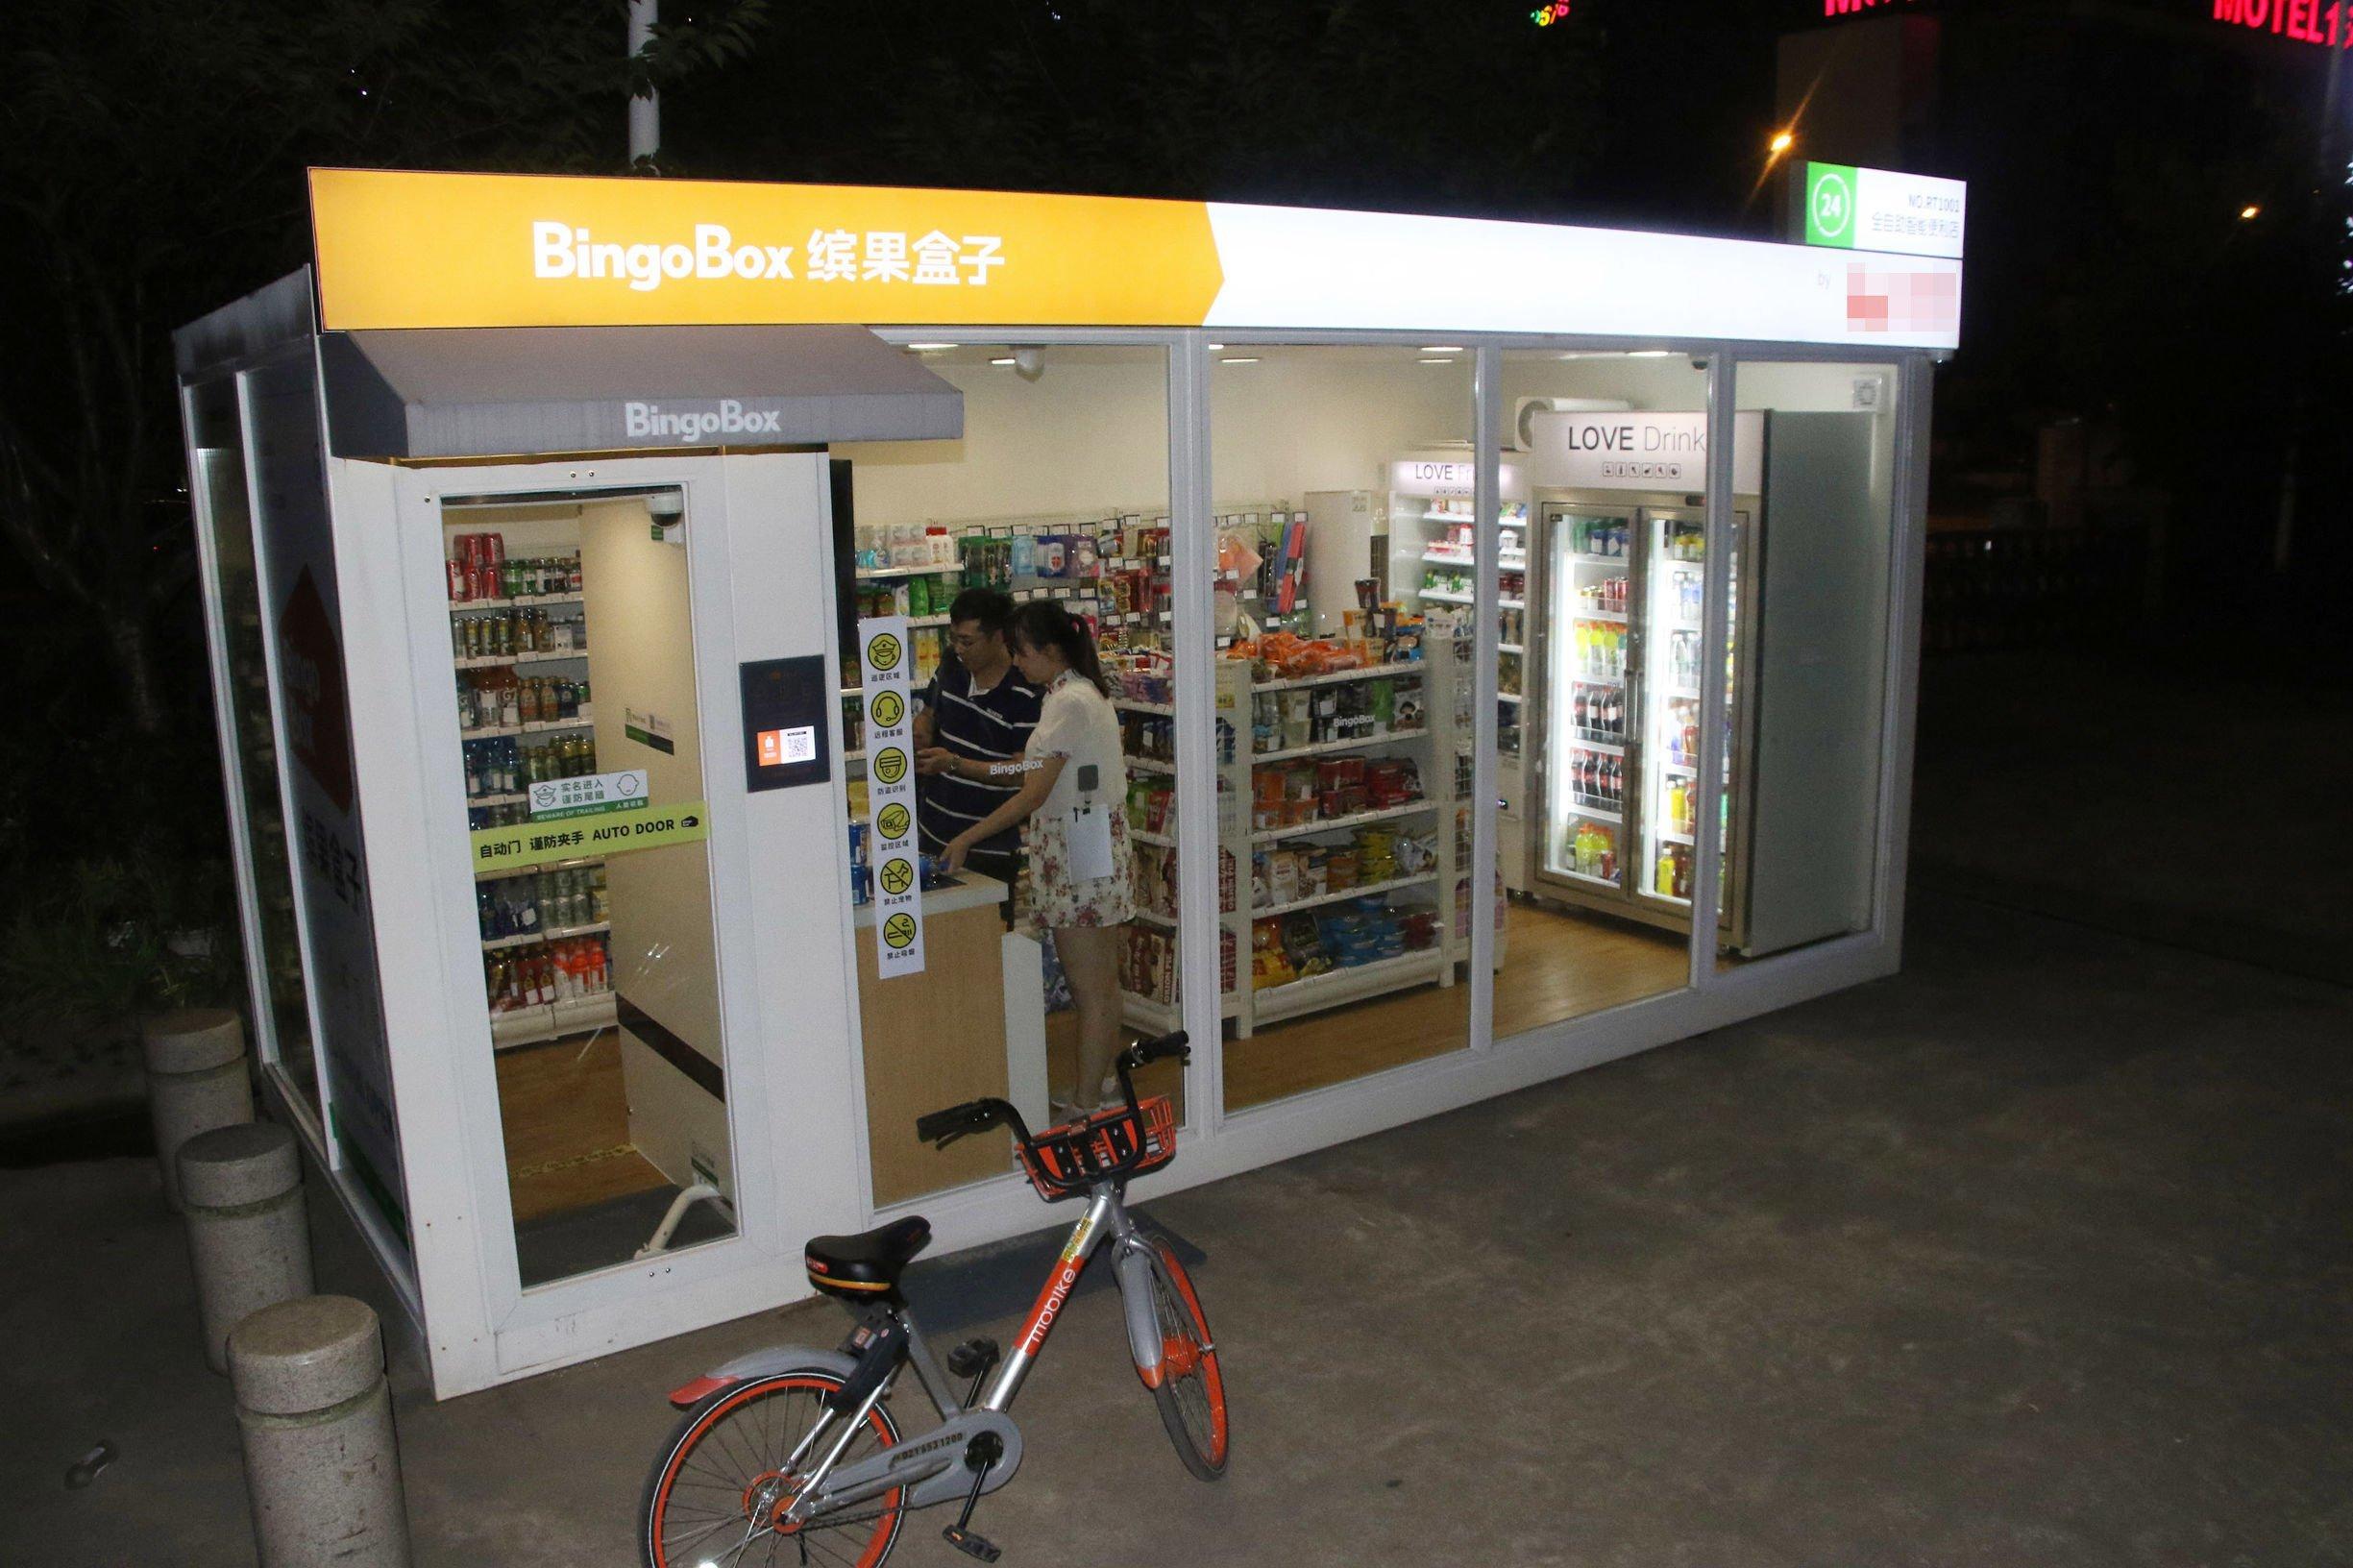 唯创智能门铃厂家无人超市感应迎宾器专用 广告促销专用